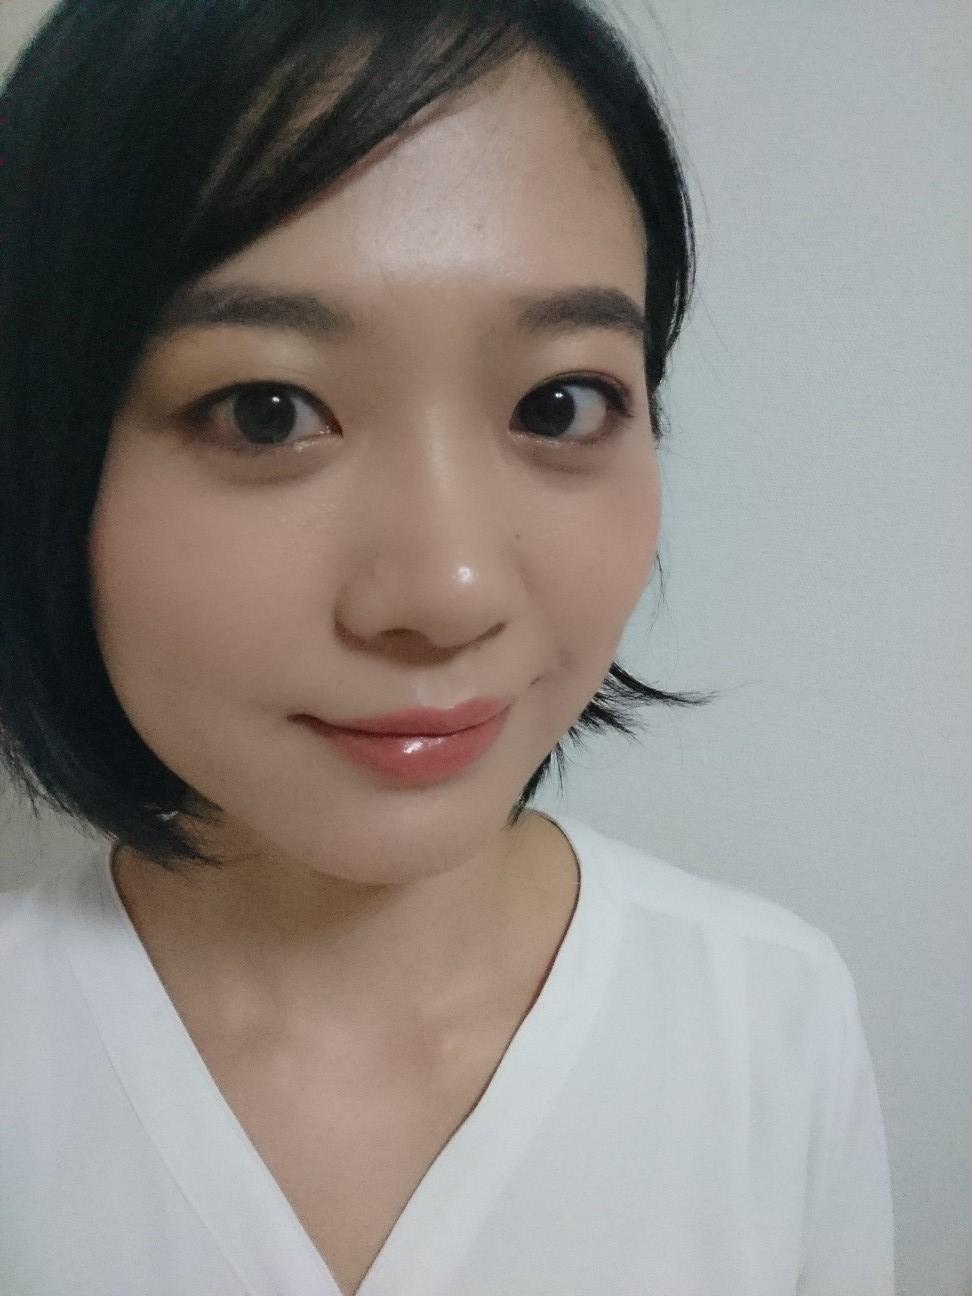 ナチュラル・きれいめがベスト☆ MORE世代over27の就活・面接メイク_3